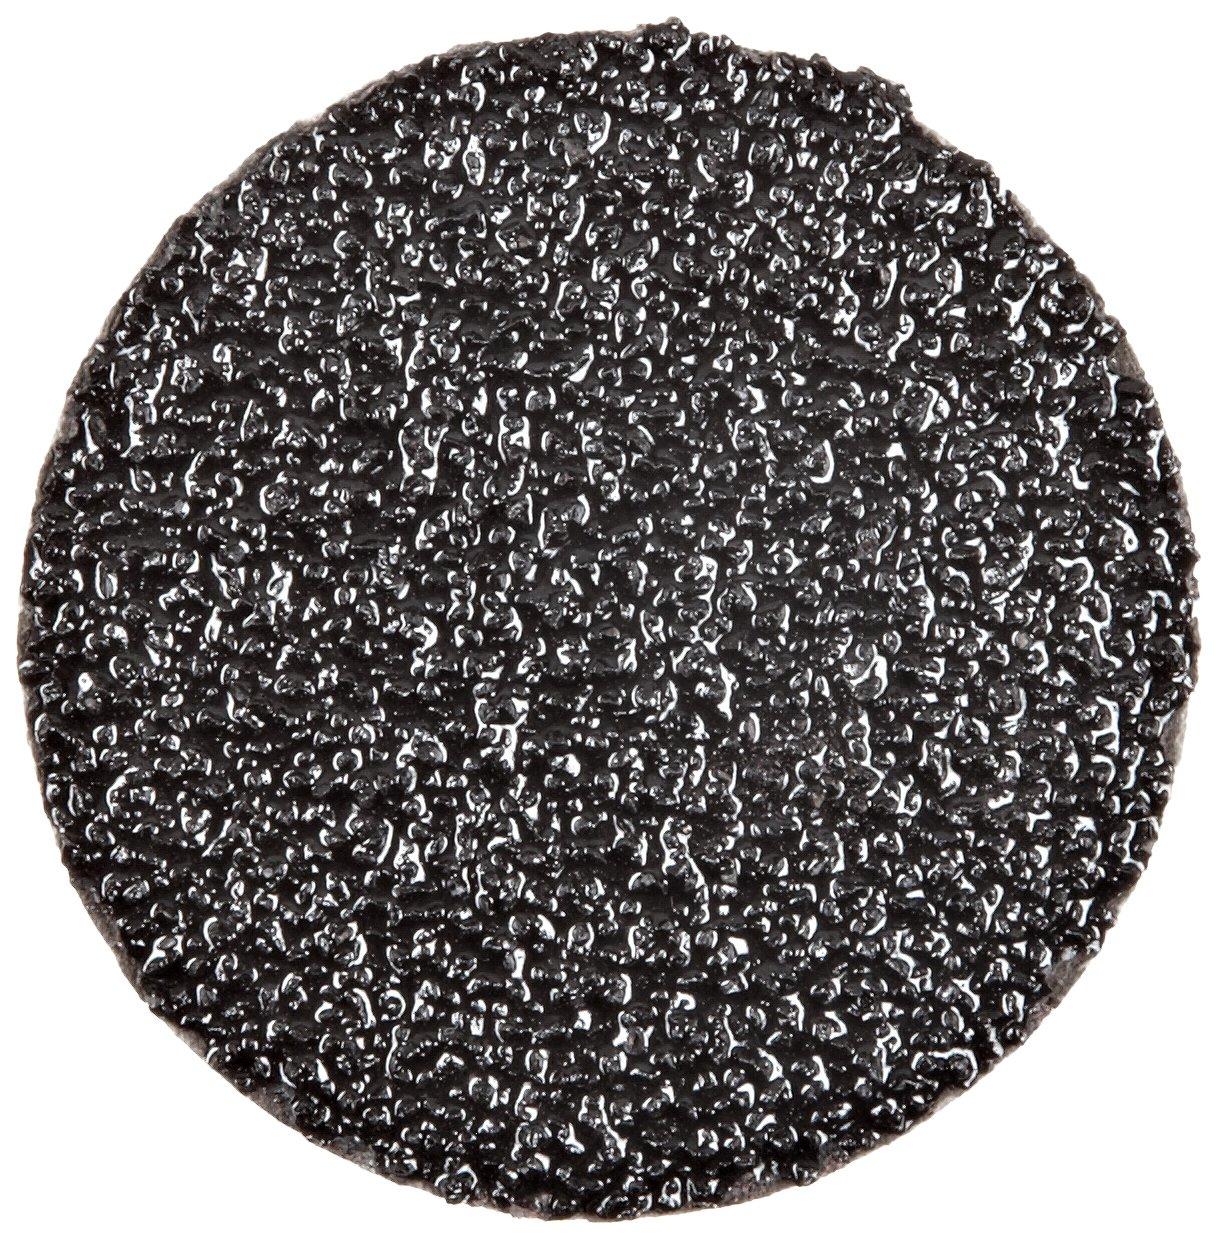 3M Roloc Fibre Disc 501C TR, Alumina Zirconia, 2'' Diameter, 36 Grit (Pack of 50)